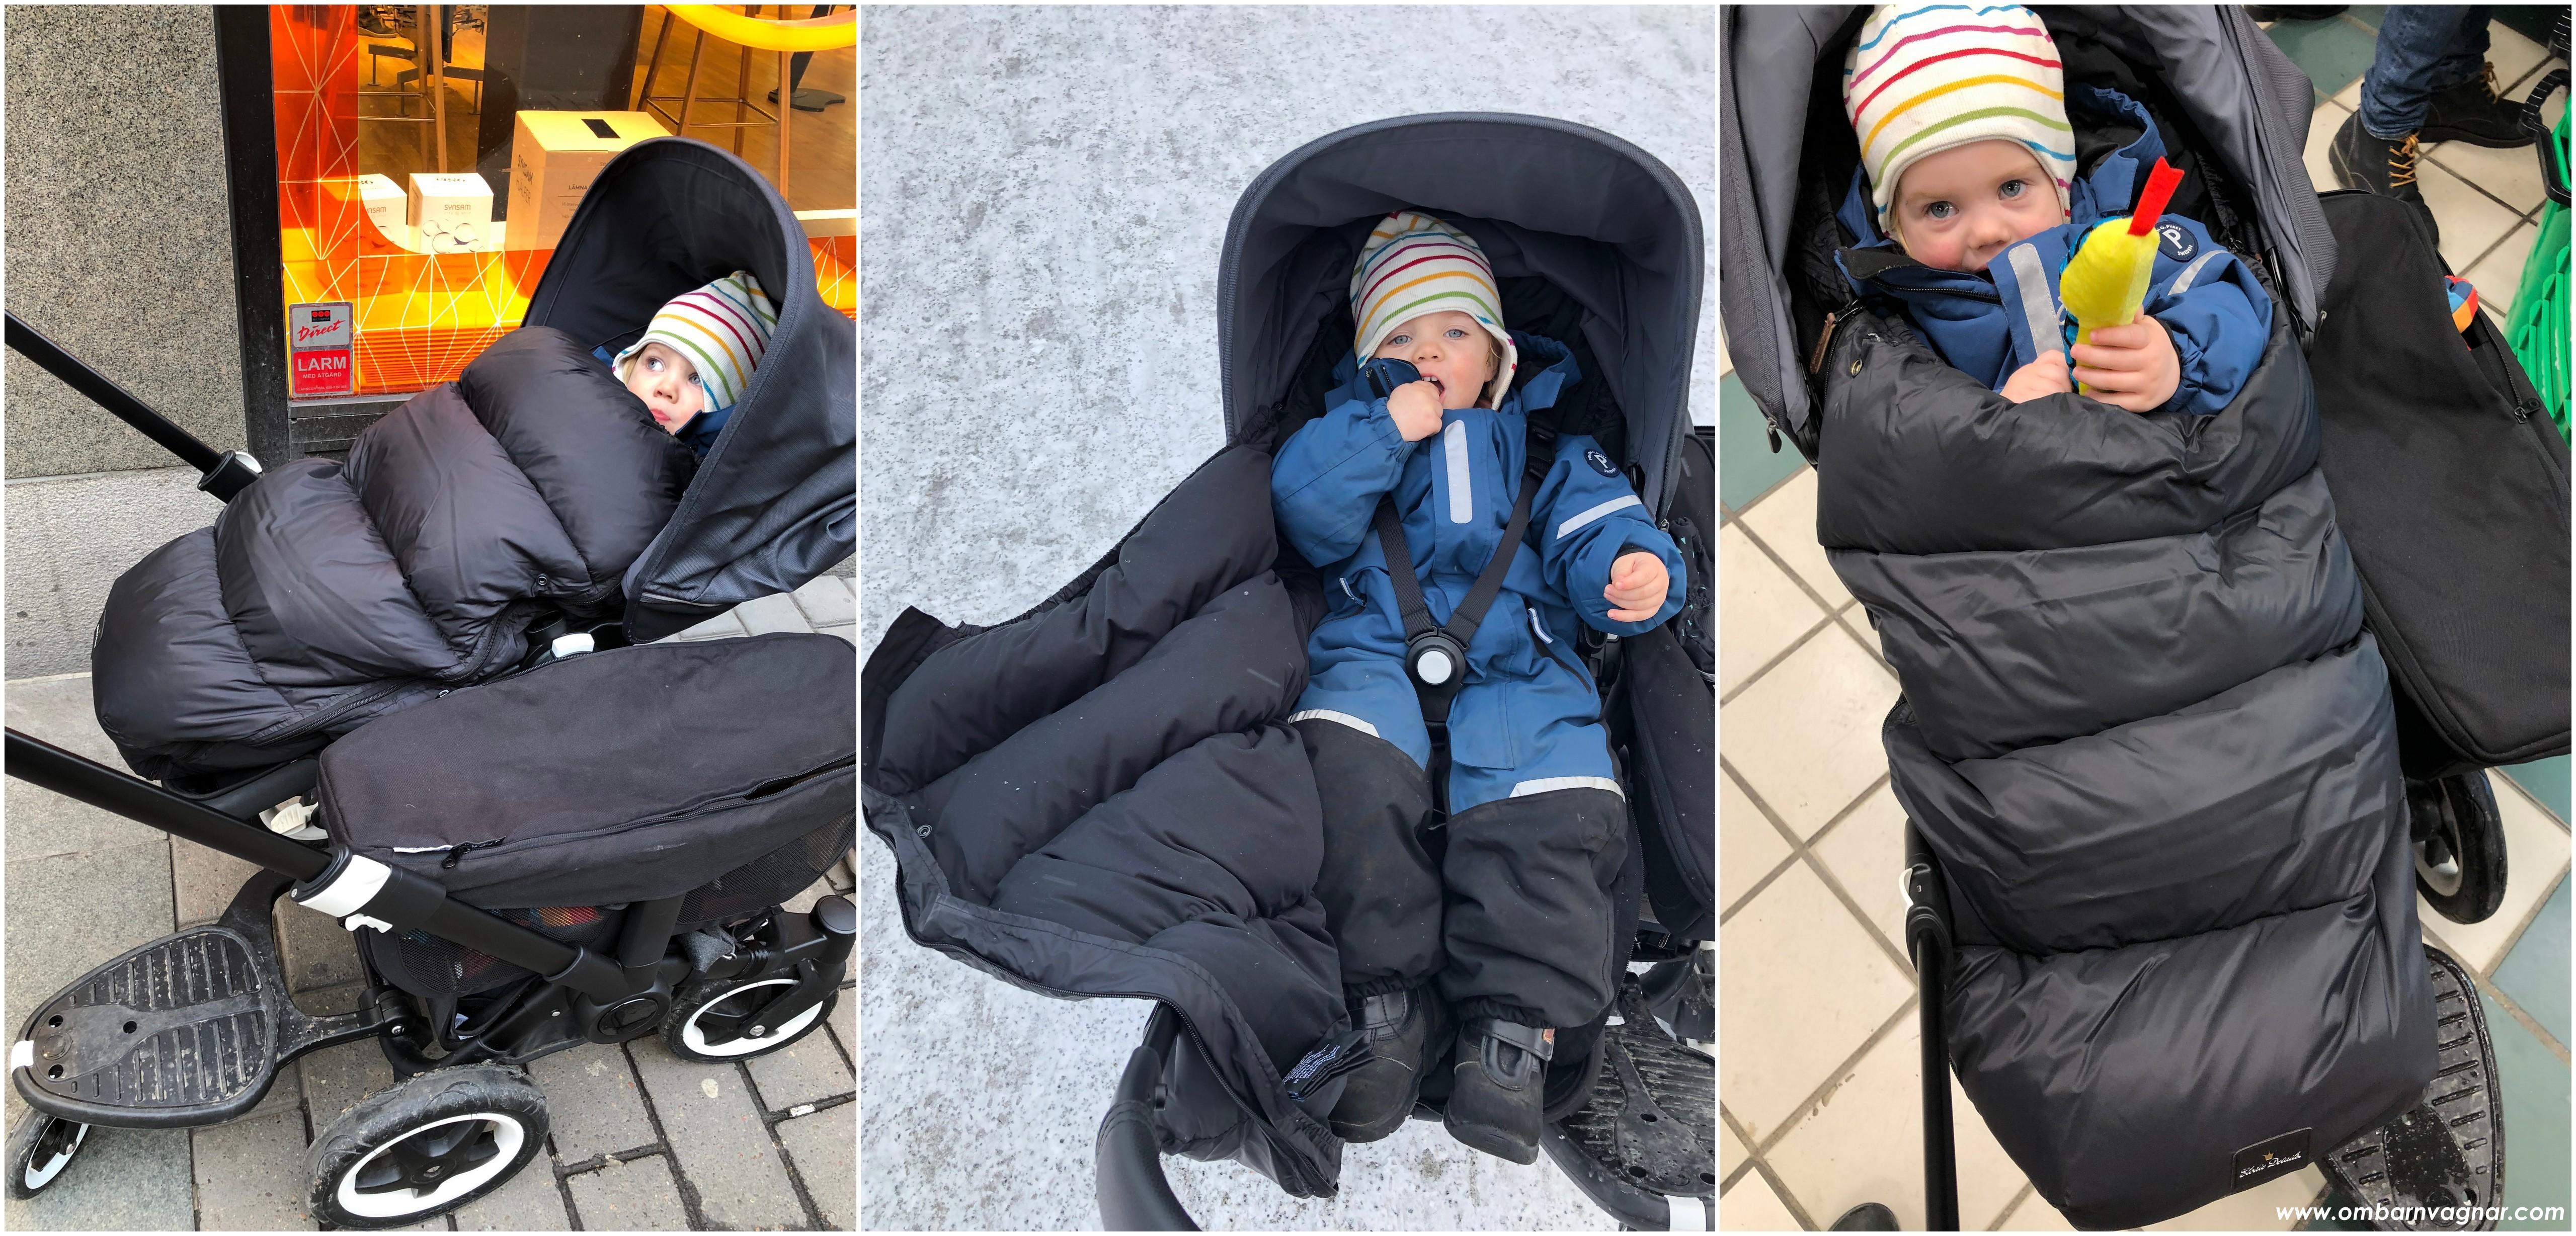 Elodie Details Lightweight Dunåkpåse med barn i åkpåsen